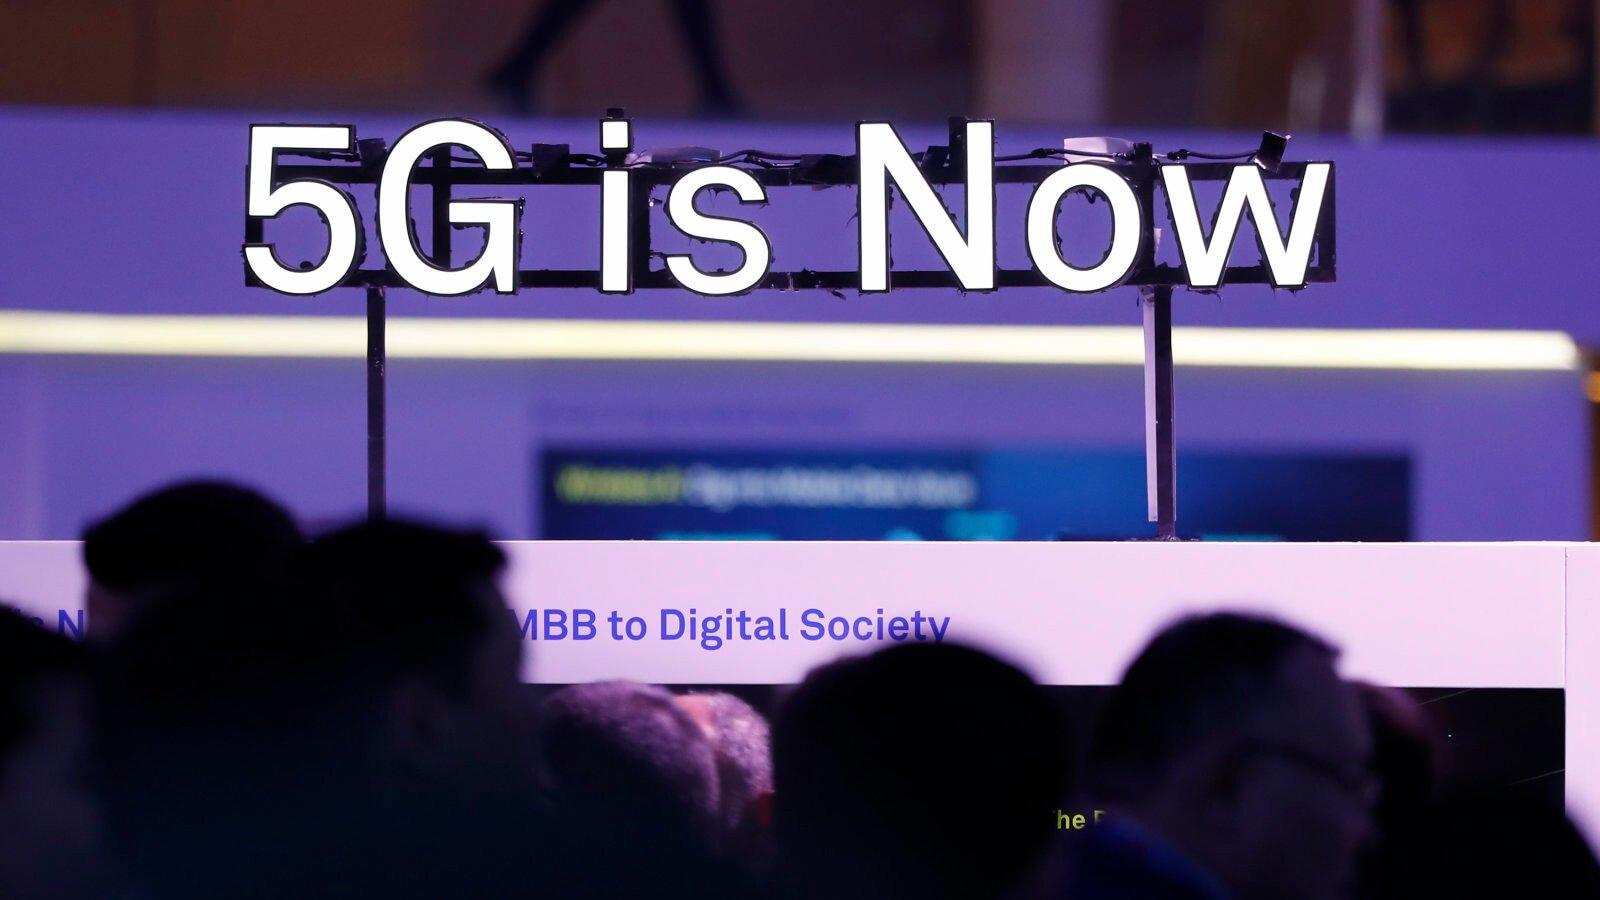 5G-телефоны на MWC 2019 — в чем разница между Samsung и LG